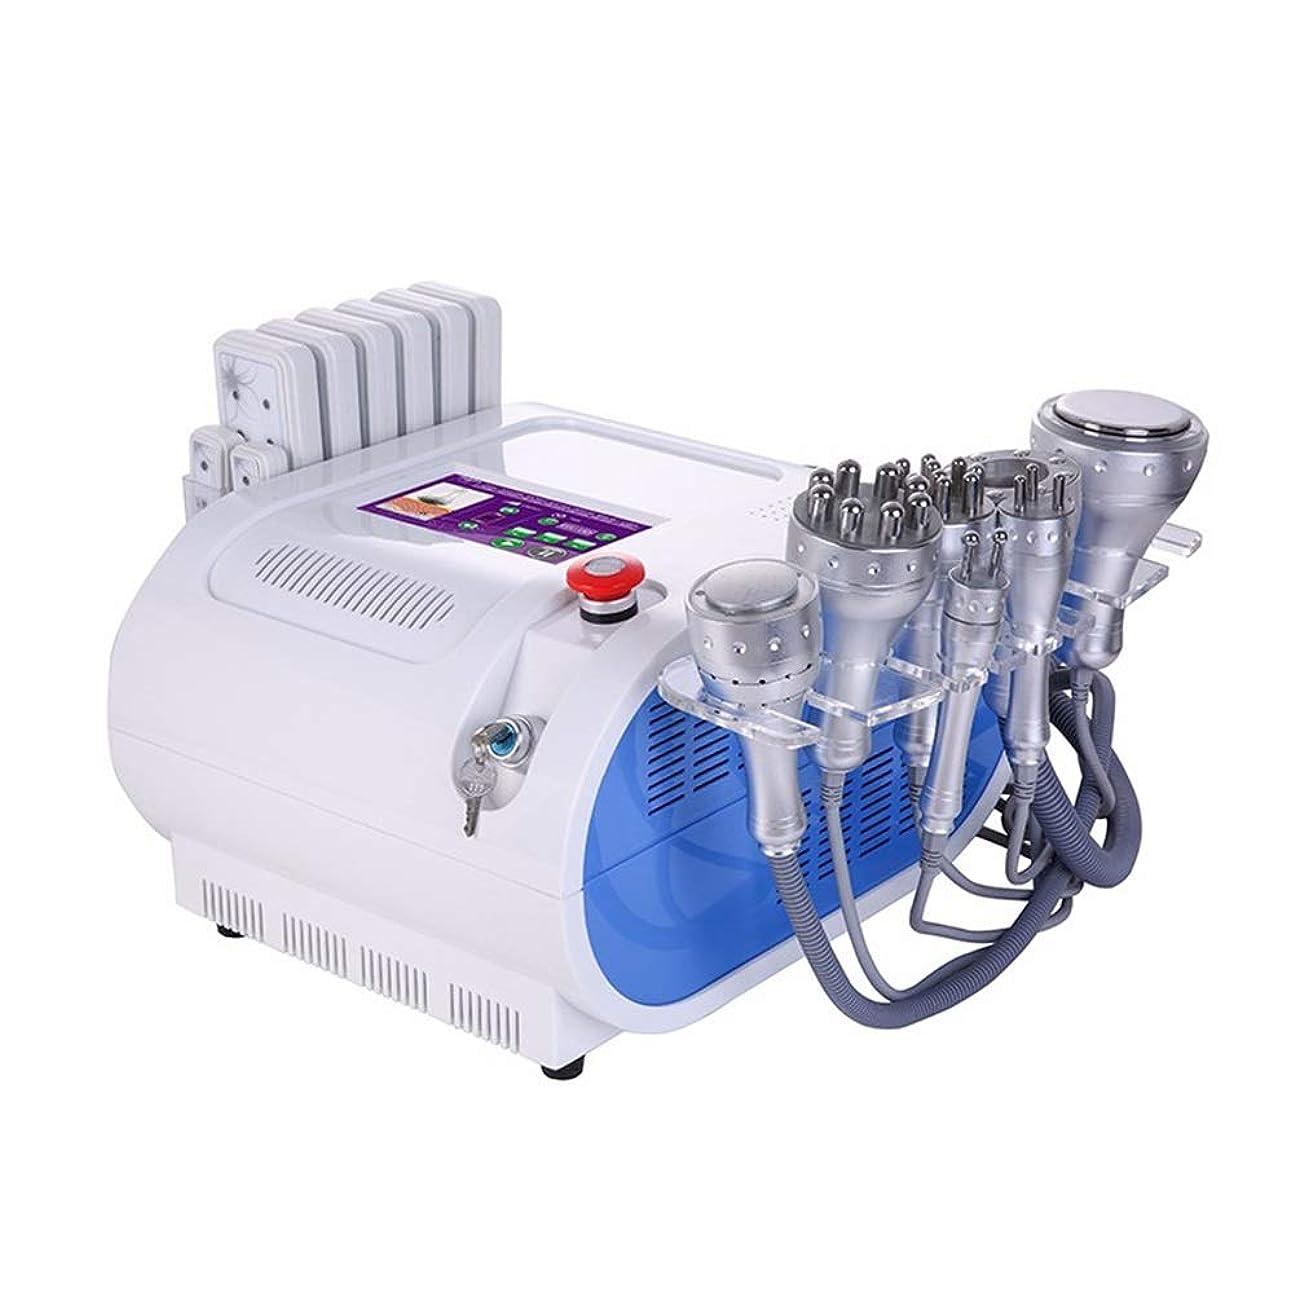 ステンレスバター恐怖症美容機器、40K RFの脂肪を細くする商業用機器ボディは1つの減量のセルライトのマッサージャーのキャビテーションの超音波無線周波数に付き6つを取除きます